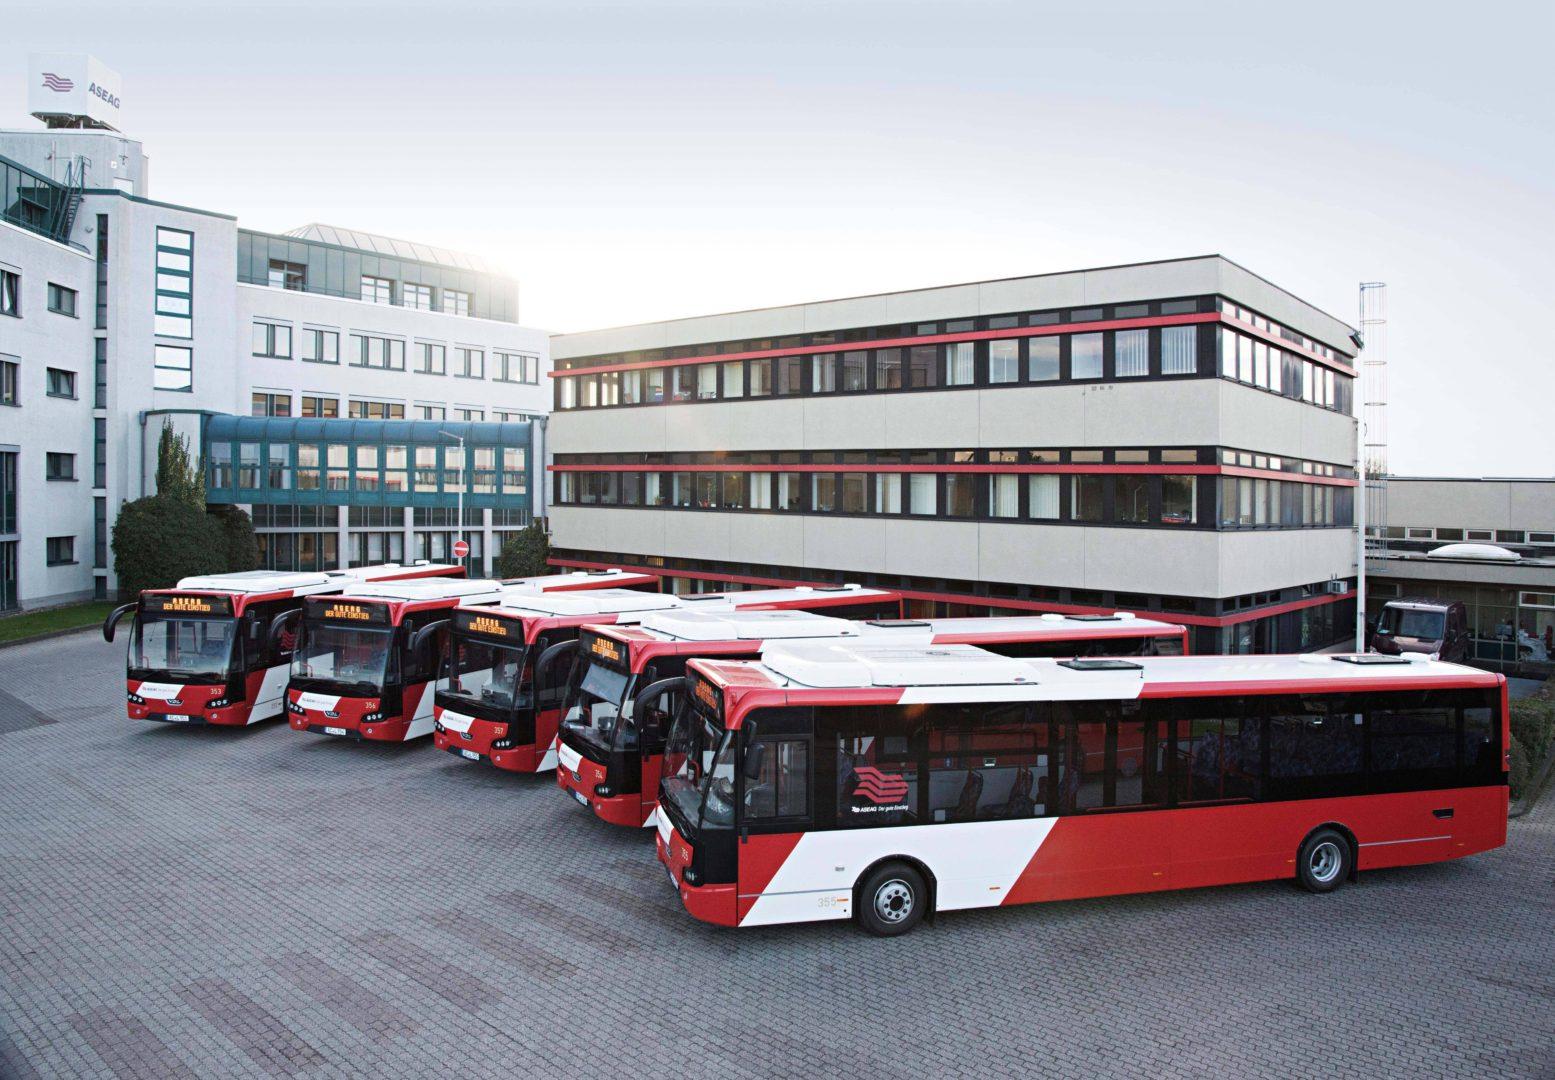 2. VDL Citea LLE for Aachen